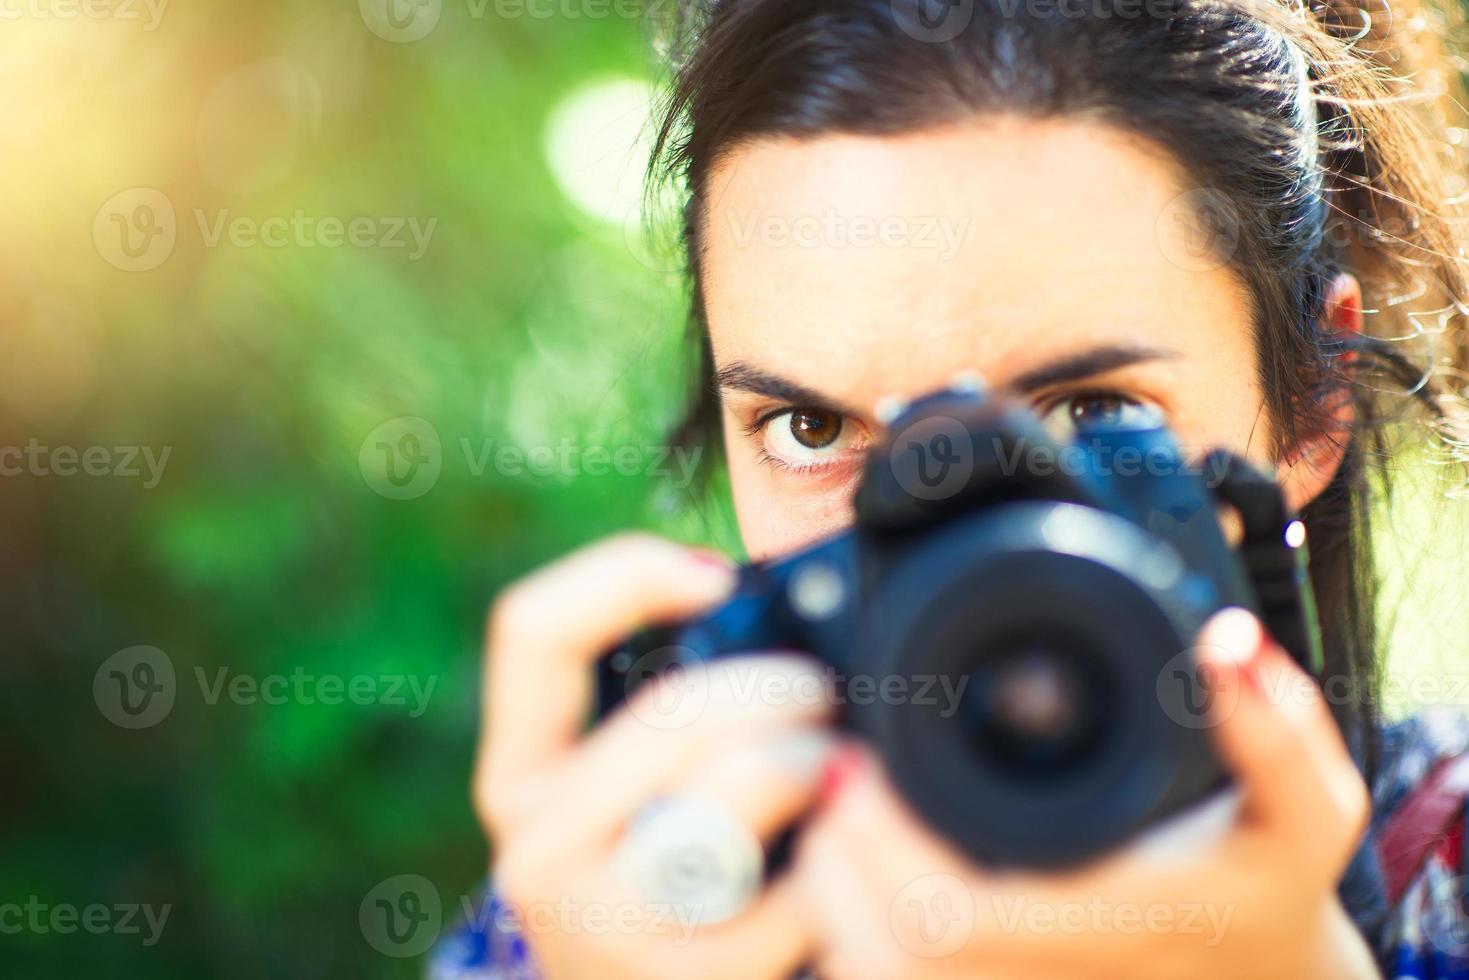 tjejfotograf tittar på henne innan hon skjuter foto